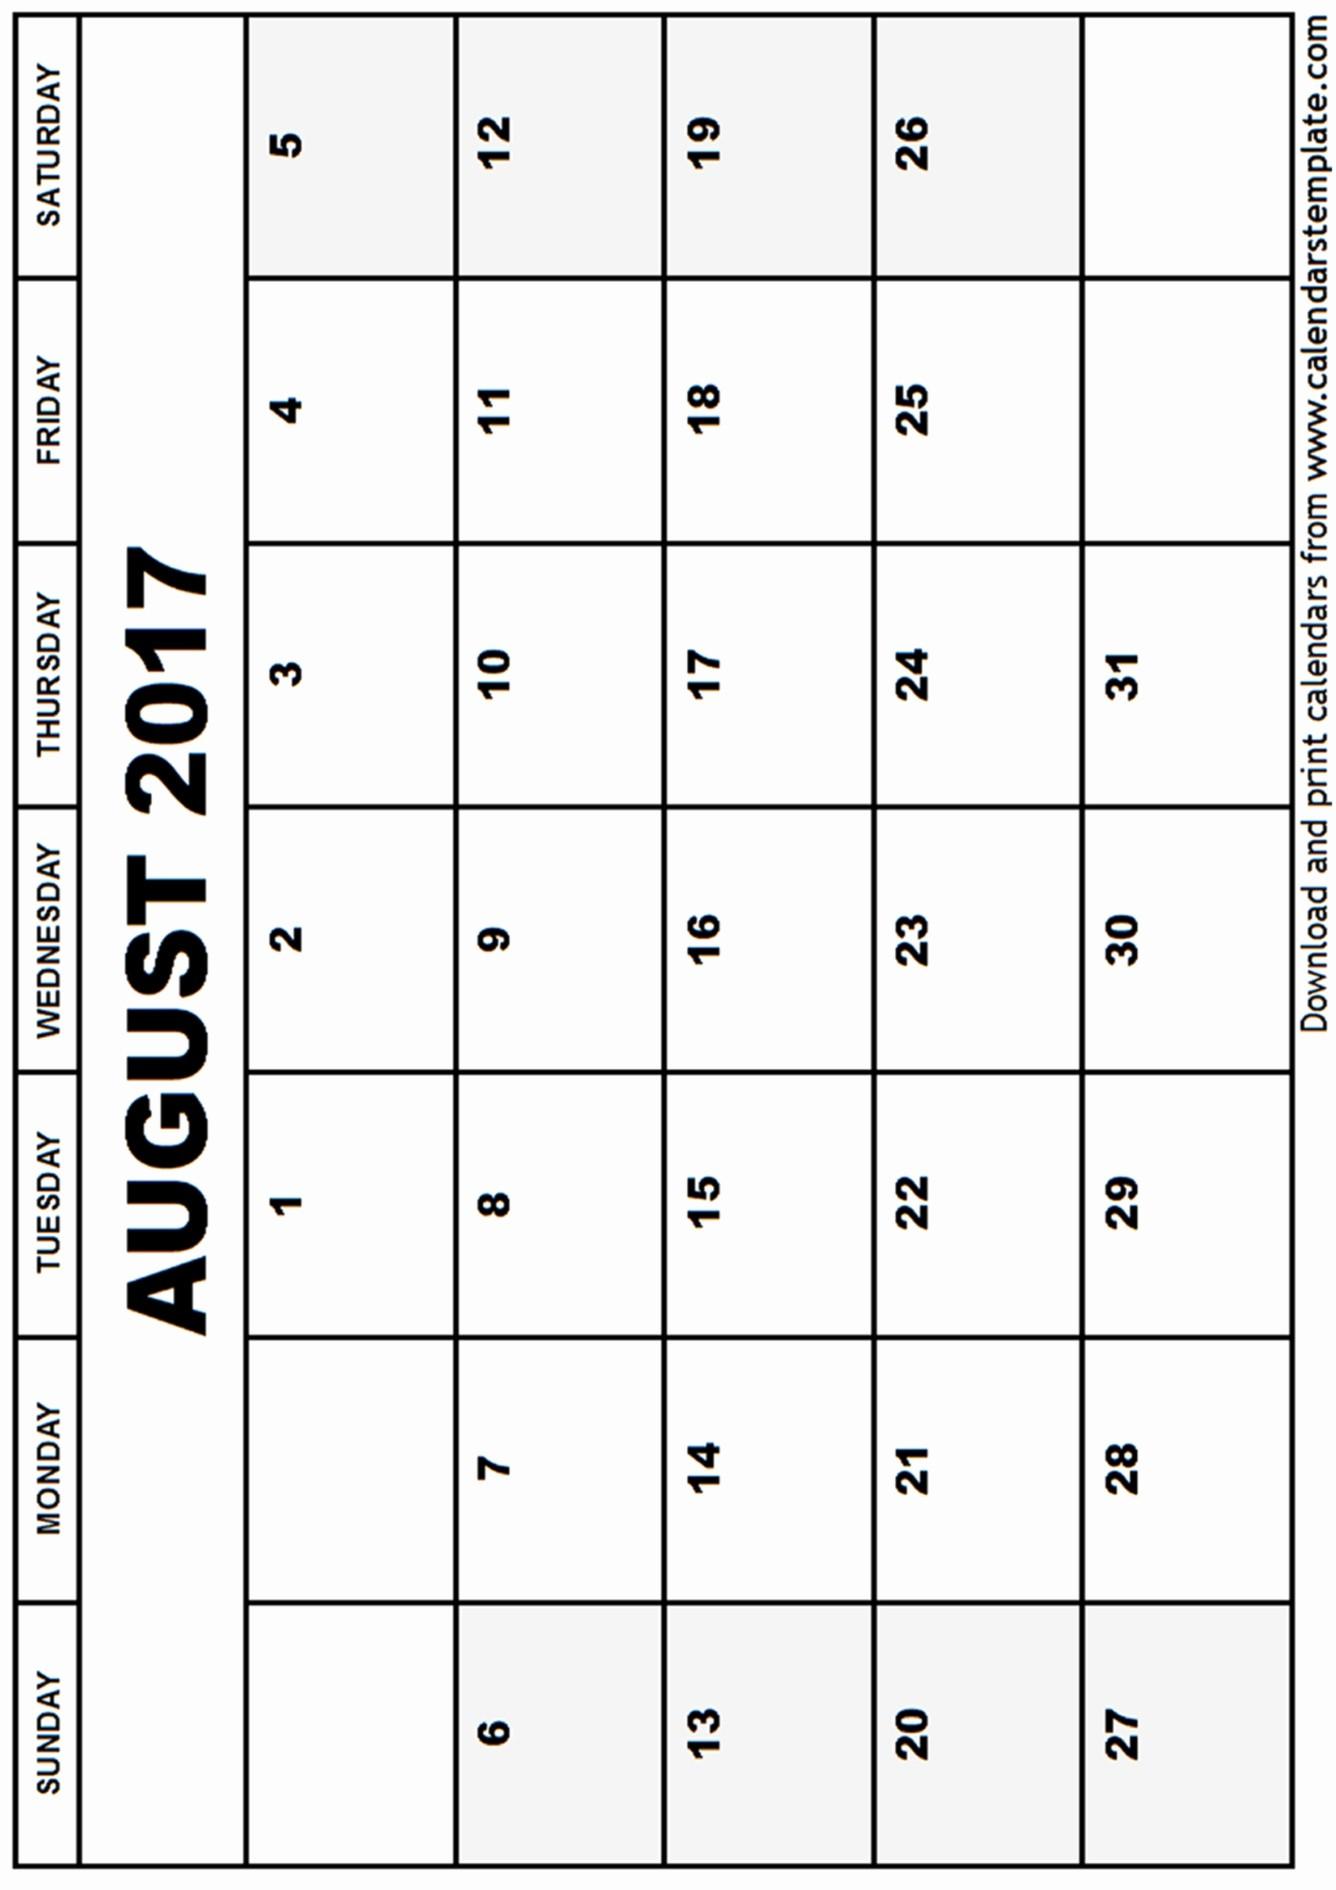 Blank Calendar Template August 2017 Lovely August 2017 Calendar Template